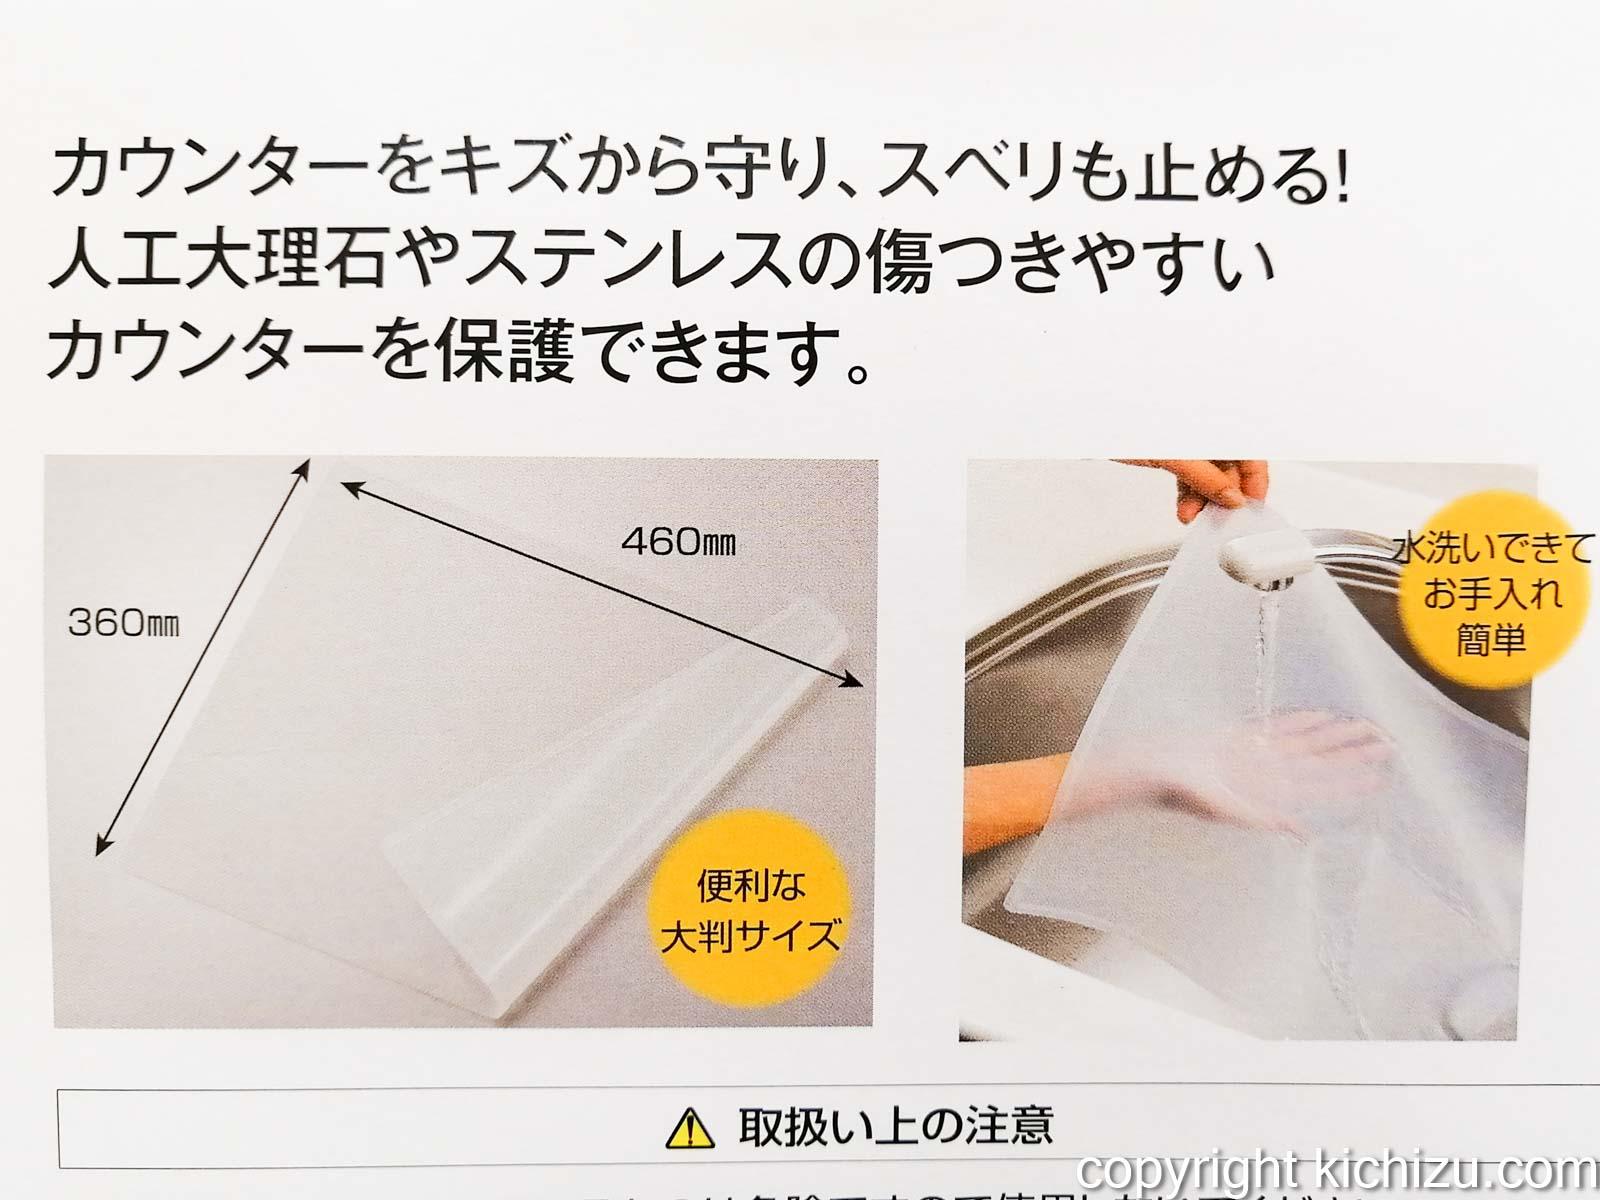 シリコン保護マットのサイズは360mmx460mm